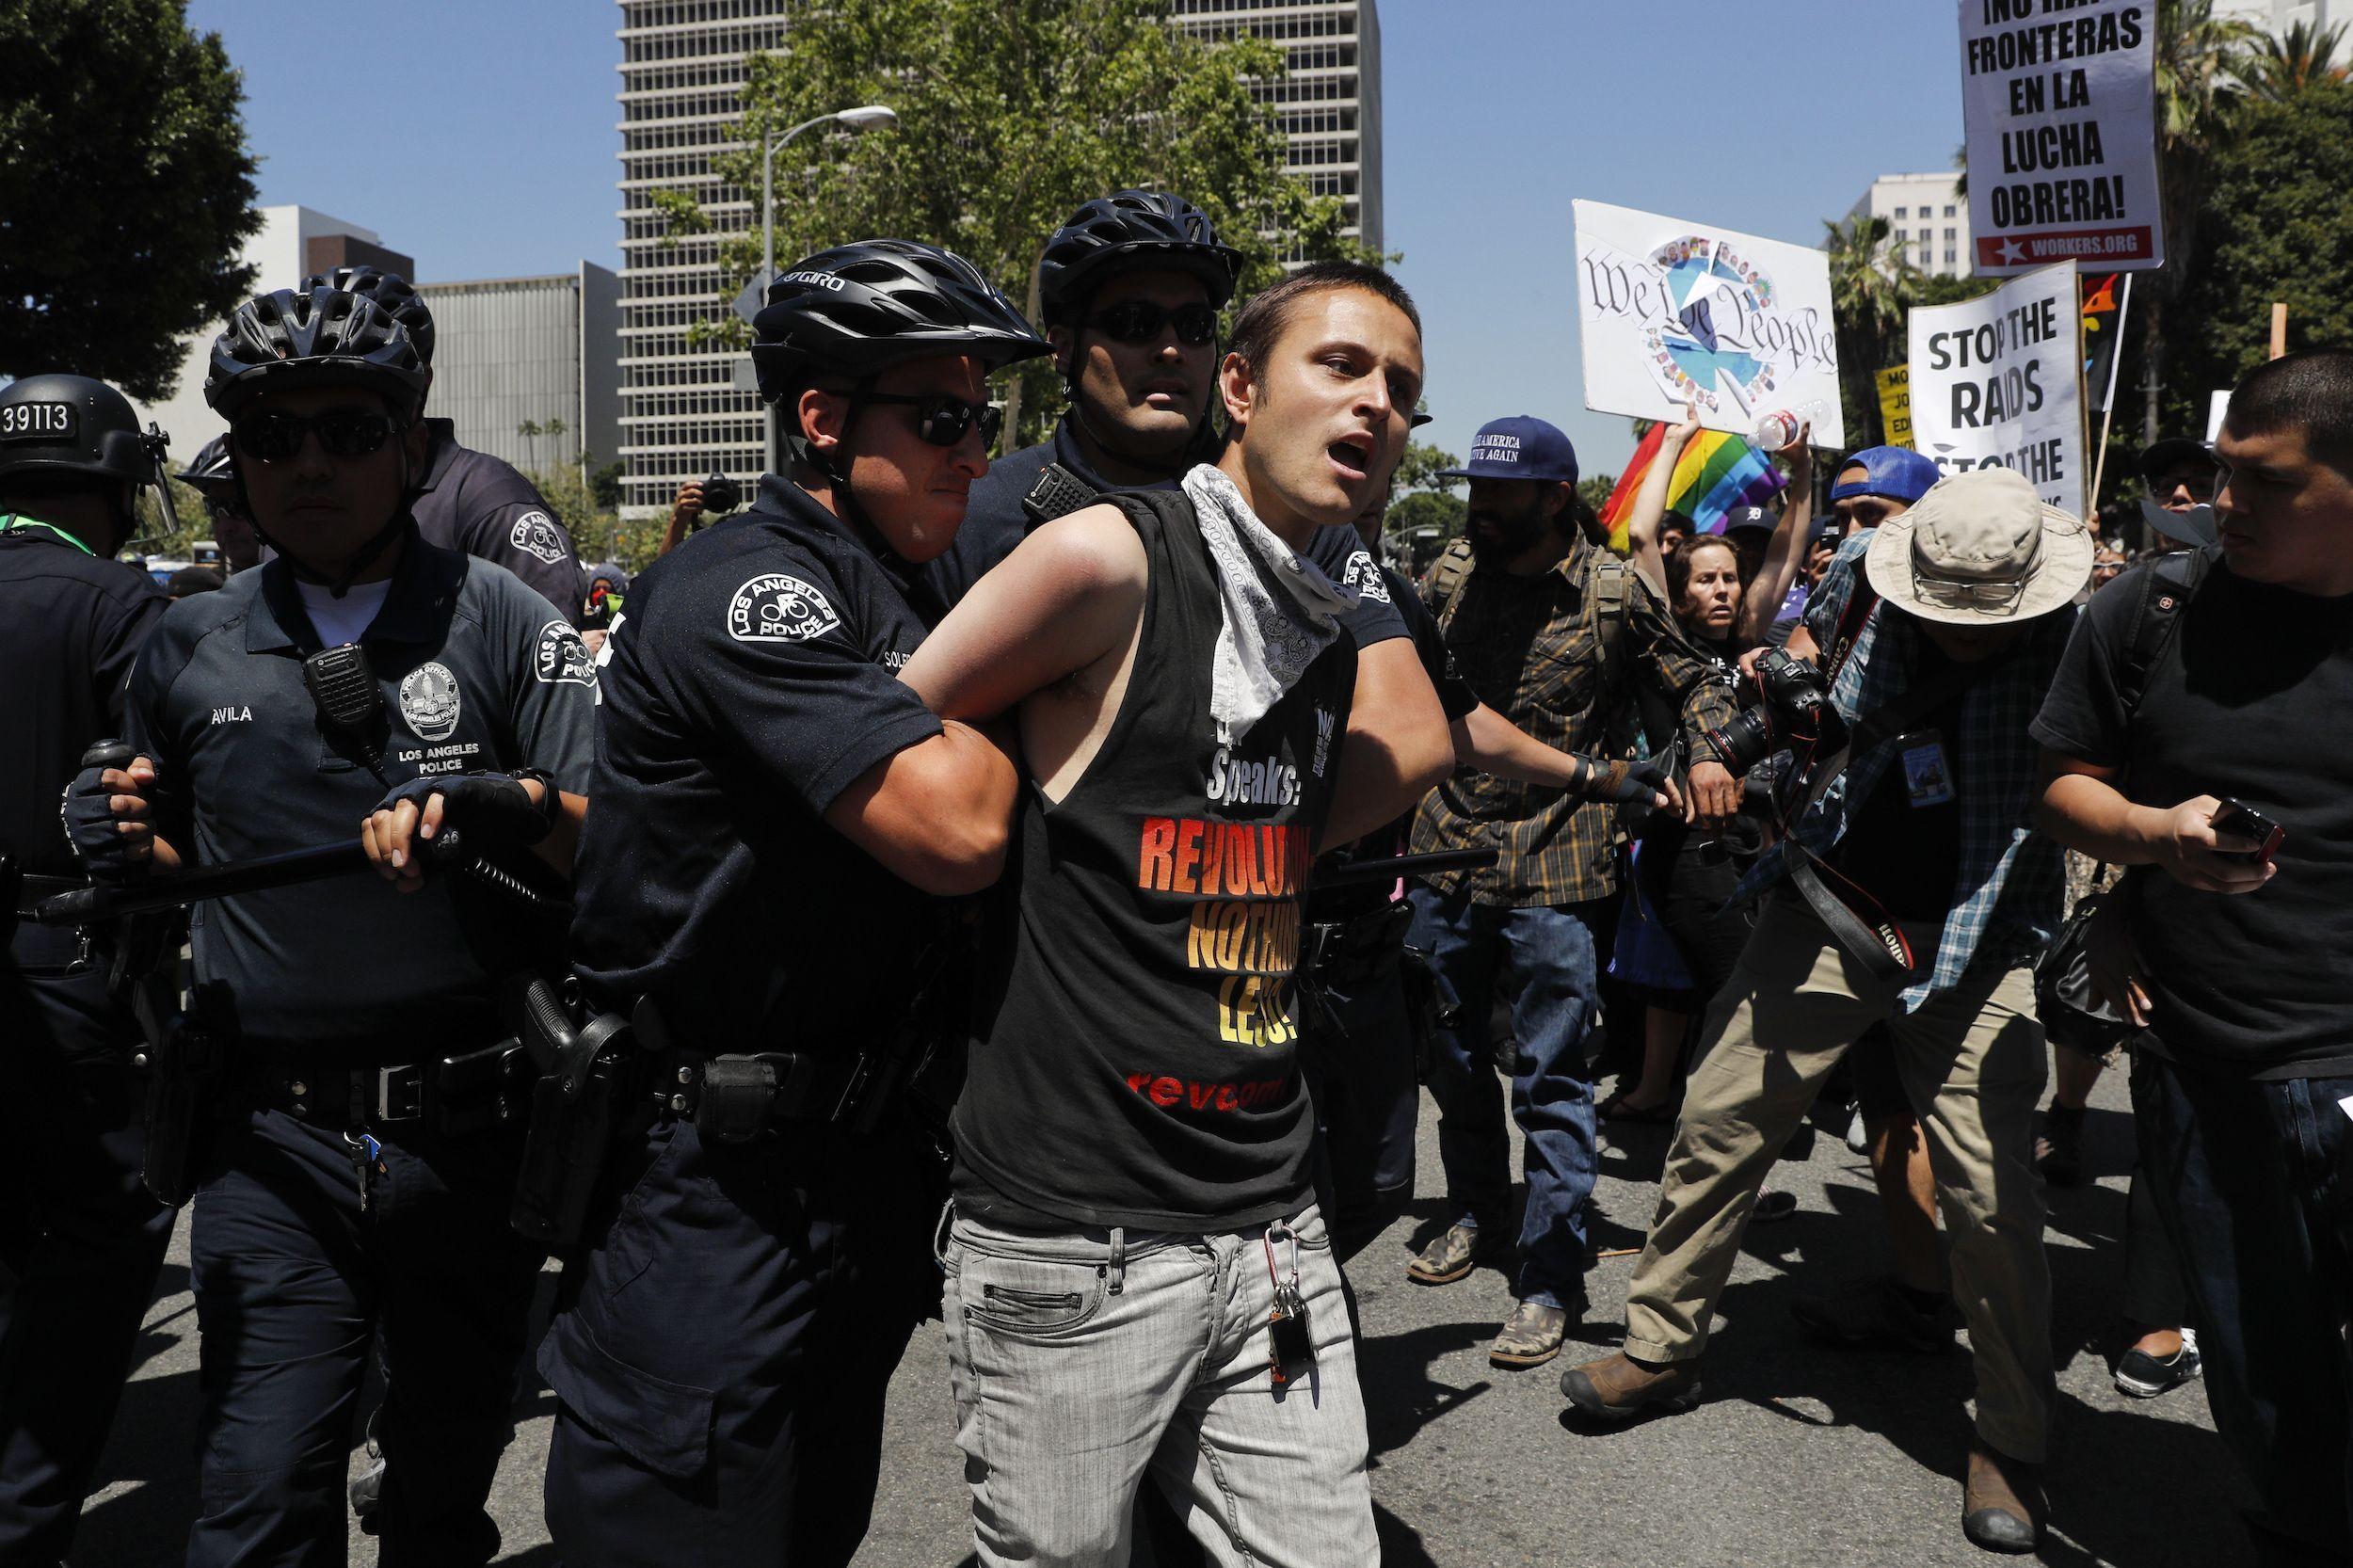 Un manifestante es arrestado por agentes de la policía durante una manifestación el 1 de mayo de 2017 en Los Ángeles.